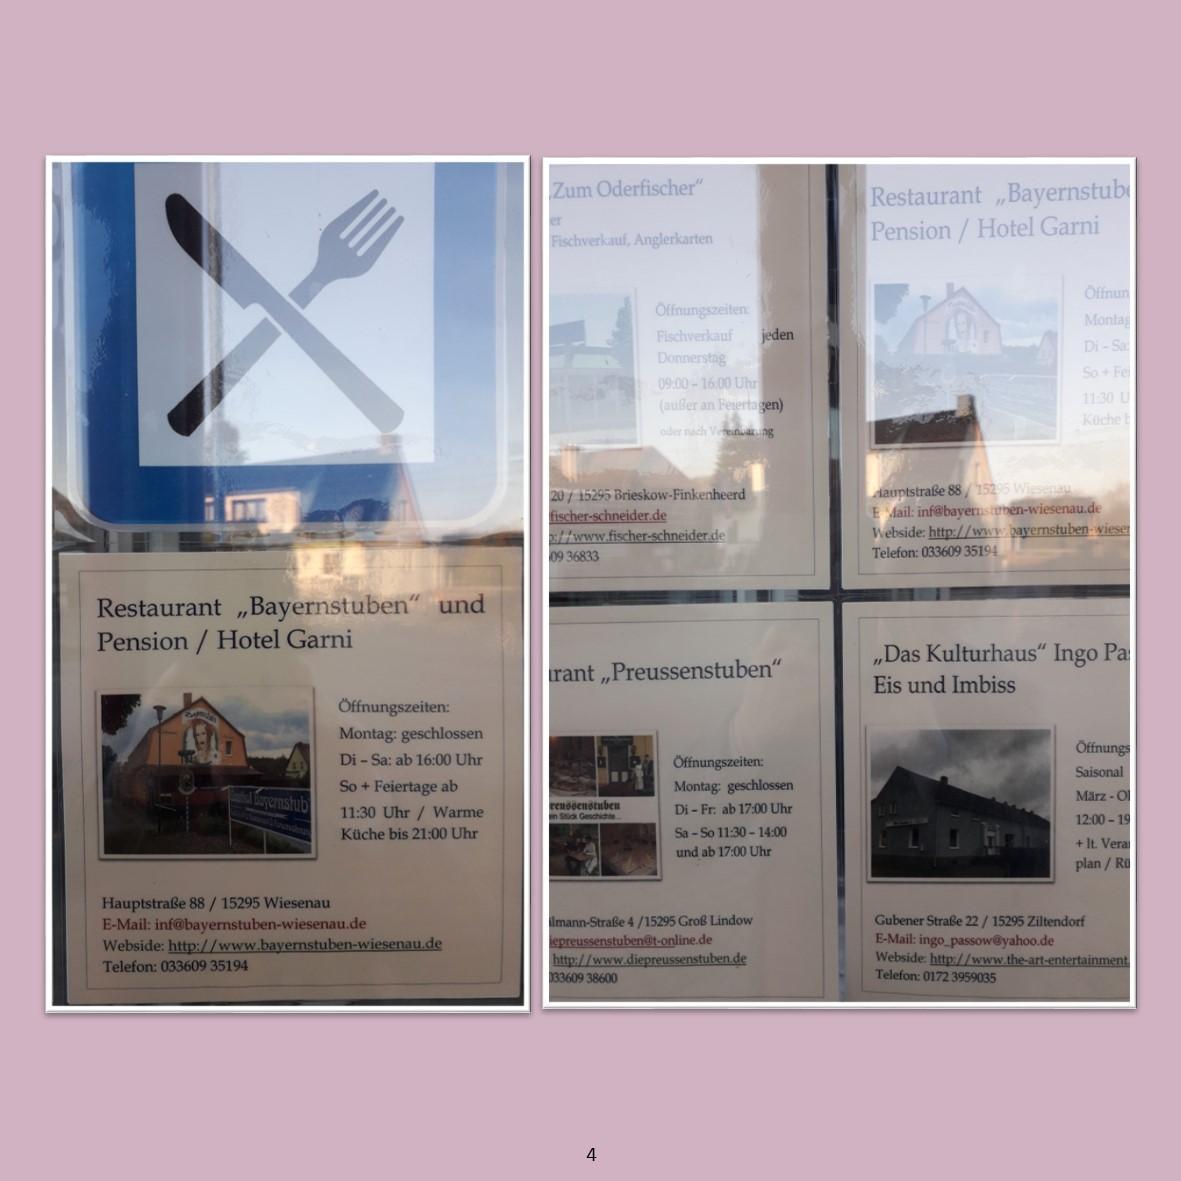 00_Broschüre_Bilder_Touristinformation 4